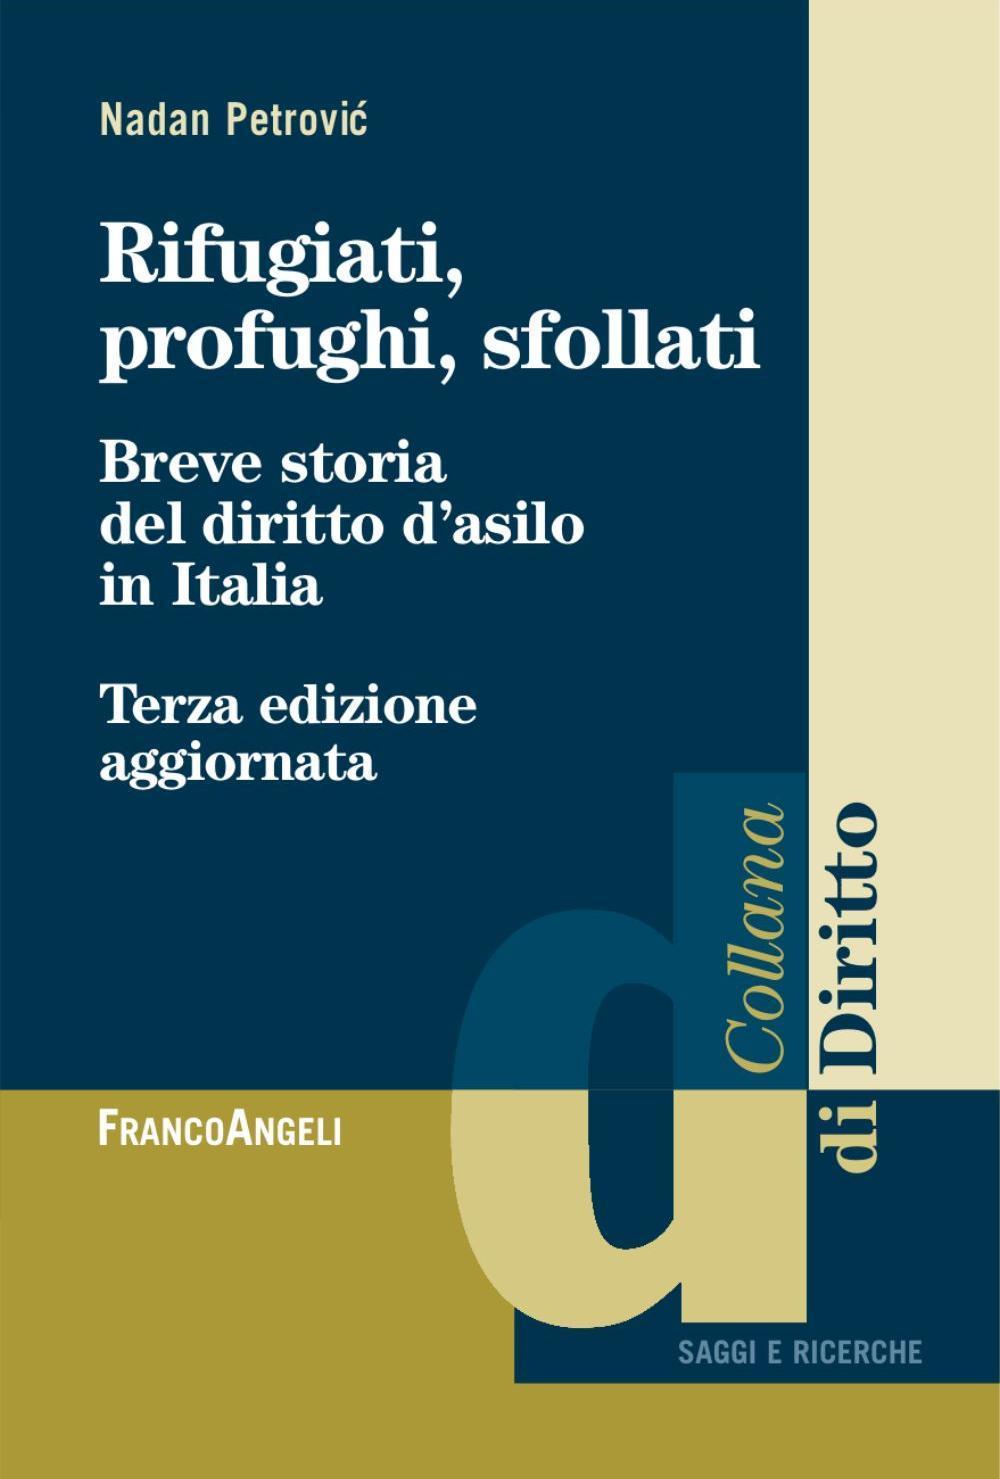 Rifugiati, profughi, sfollati. Breve storia del diritto d'asilo in Italia